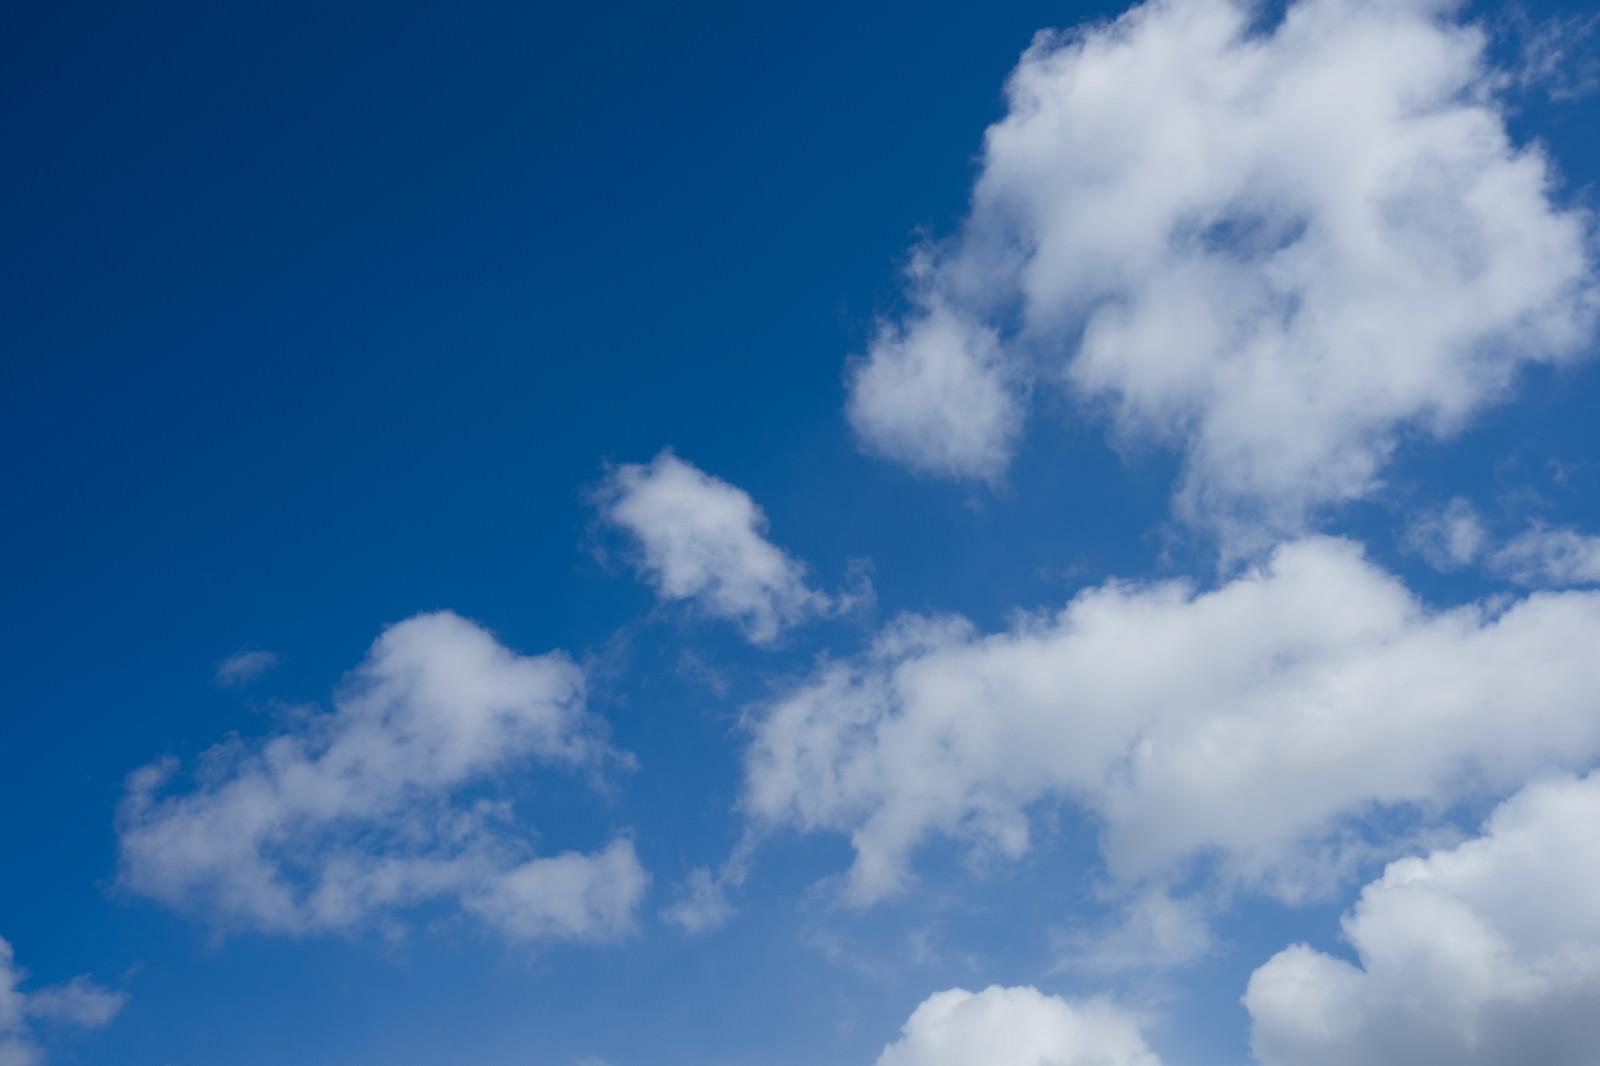 「快晴だと思ったら雲が出来てた」の写真